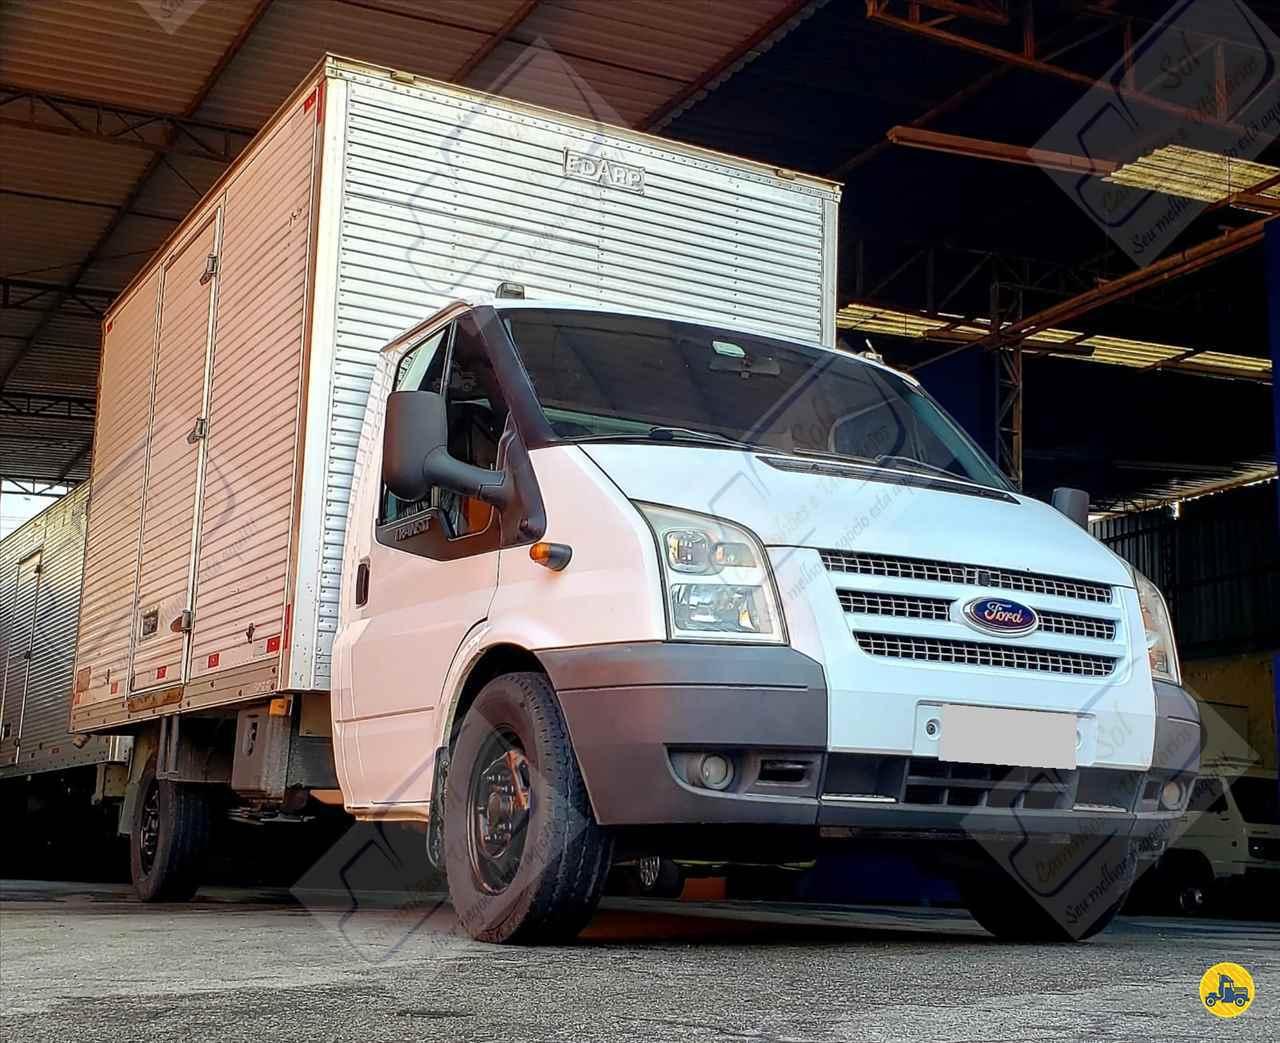 UTILITARIOS FORD Transit Chassi 2.2 Sol Caminhões e Utilitários SAO PAULO SÃO PAULO SP